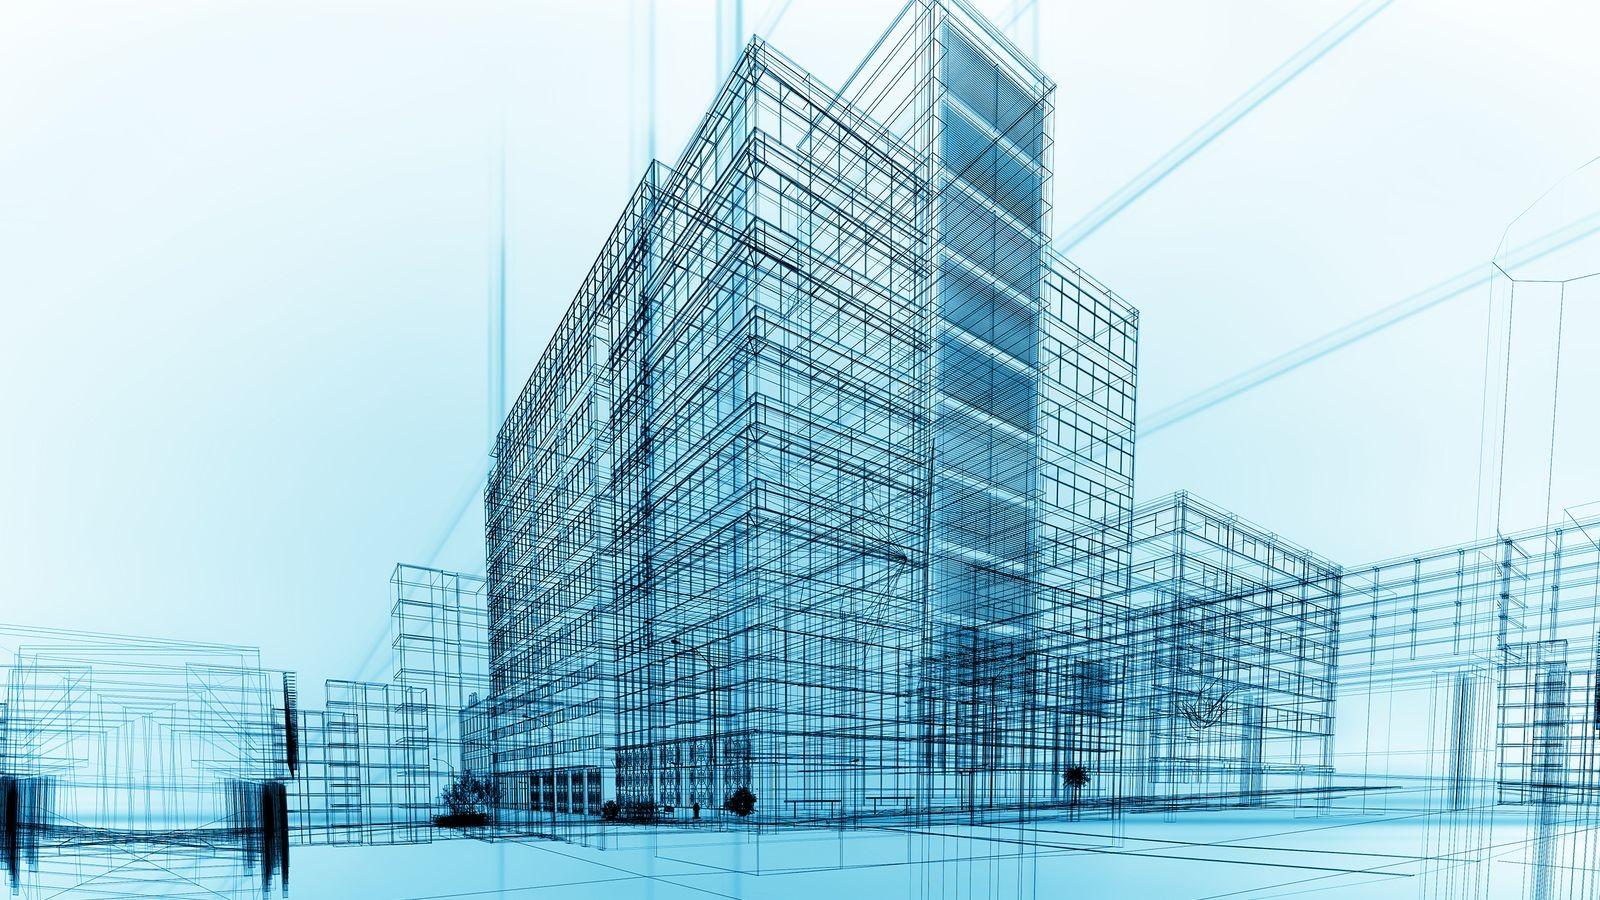 Fond D 39 Cran Dessin Paysage Urbain Architecture Gratte Ciel La Tour Ing Nierie Ligne